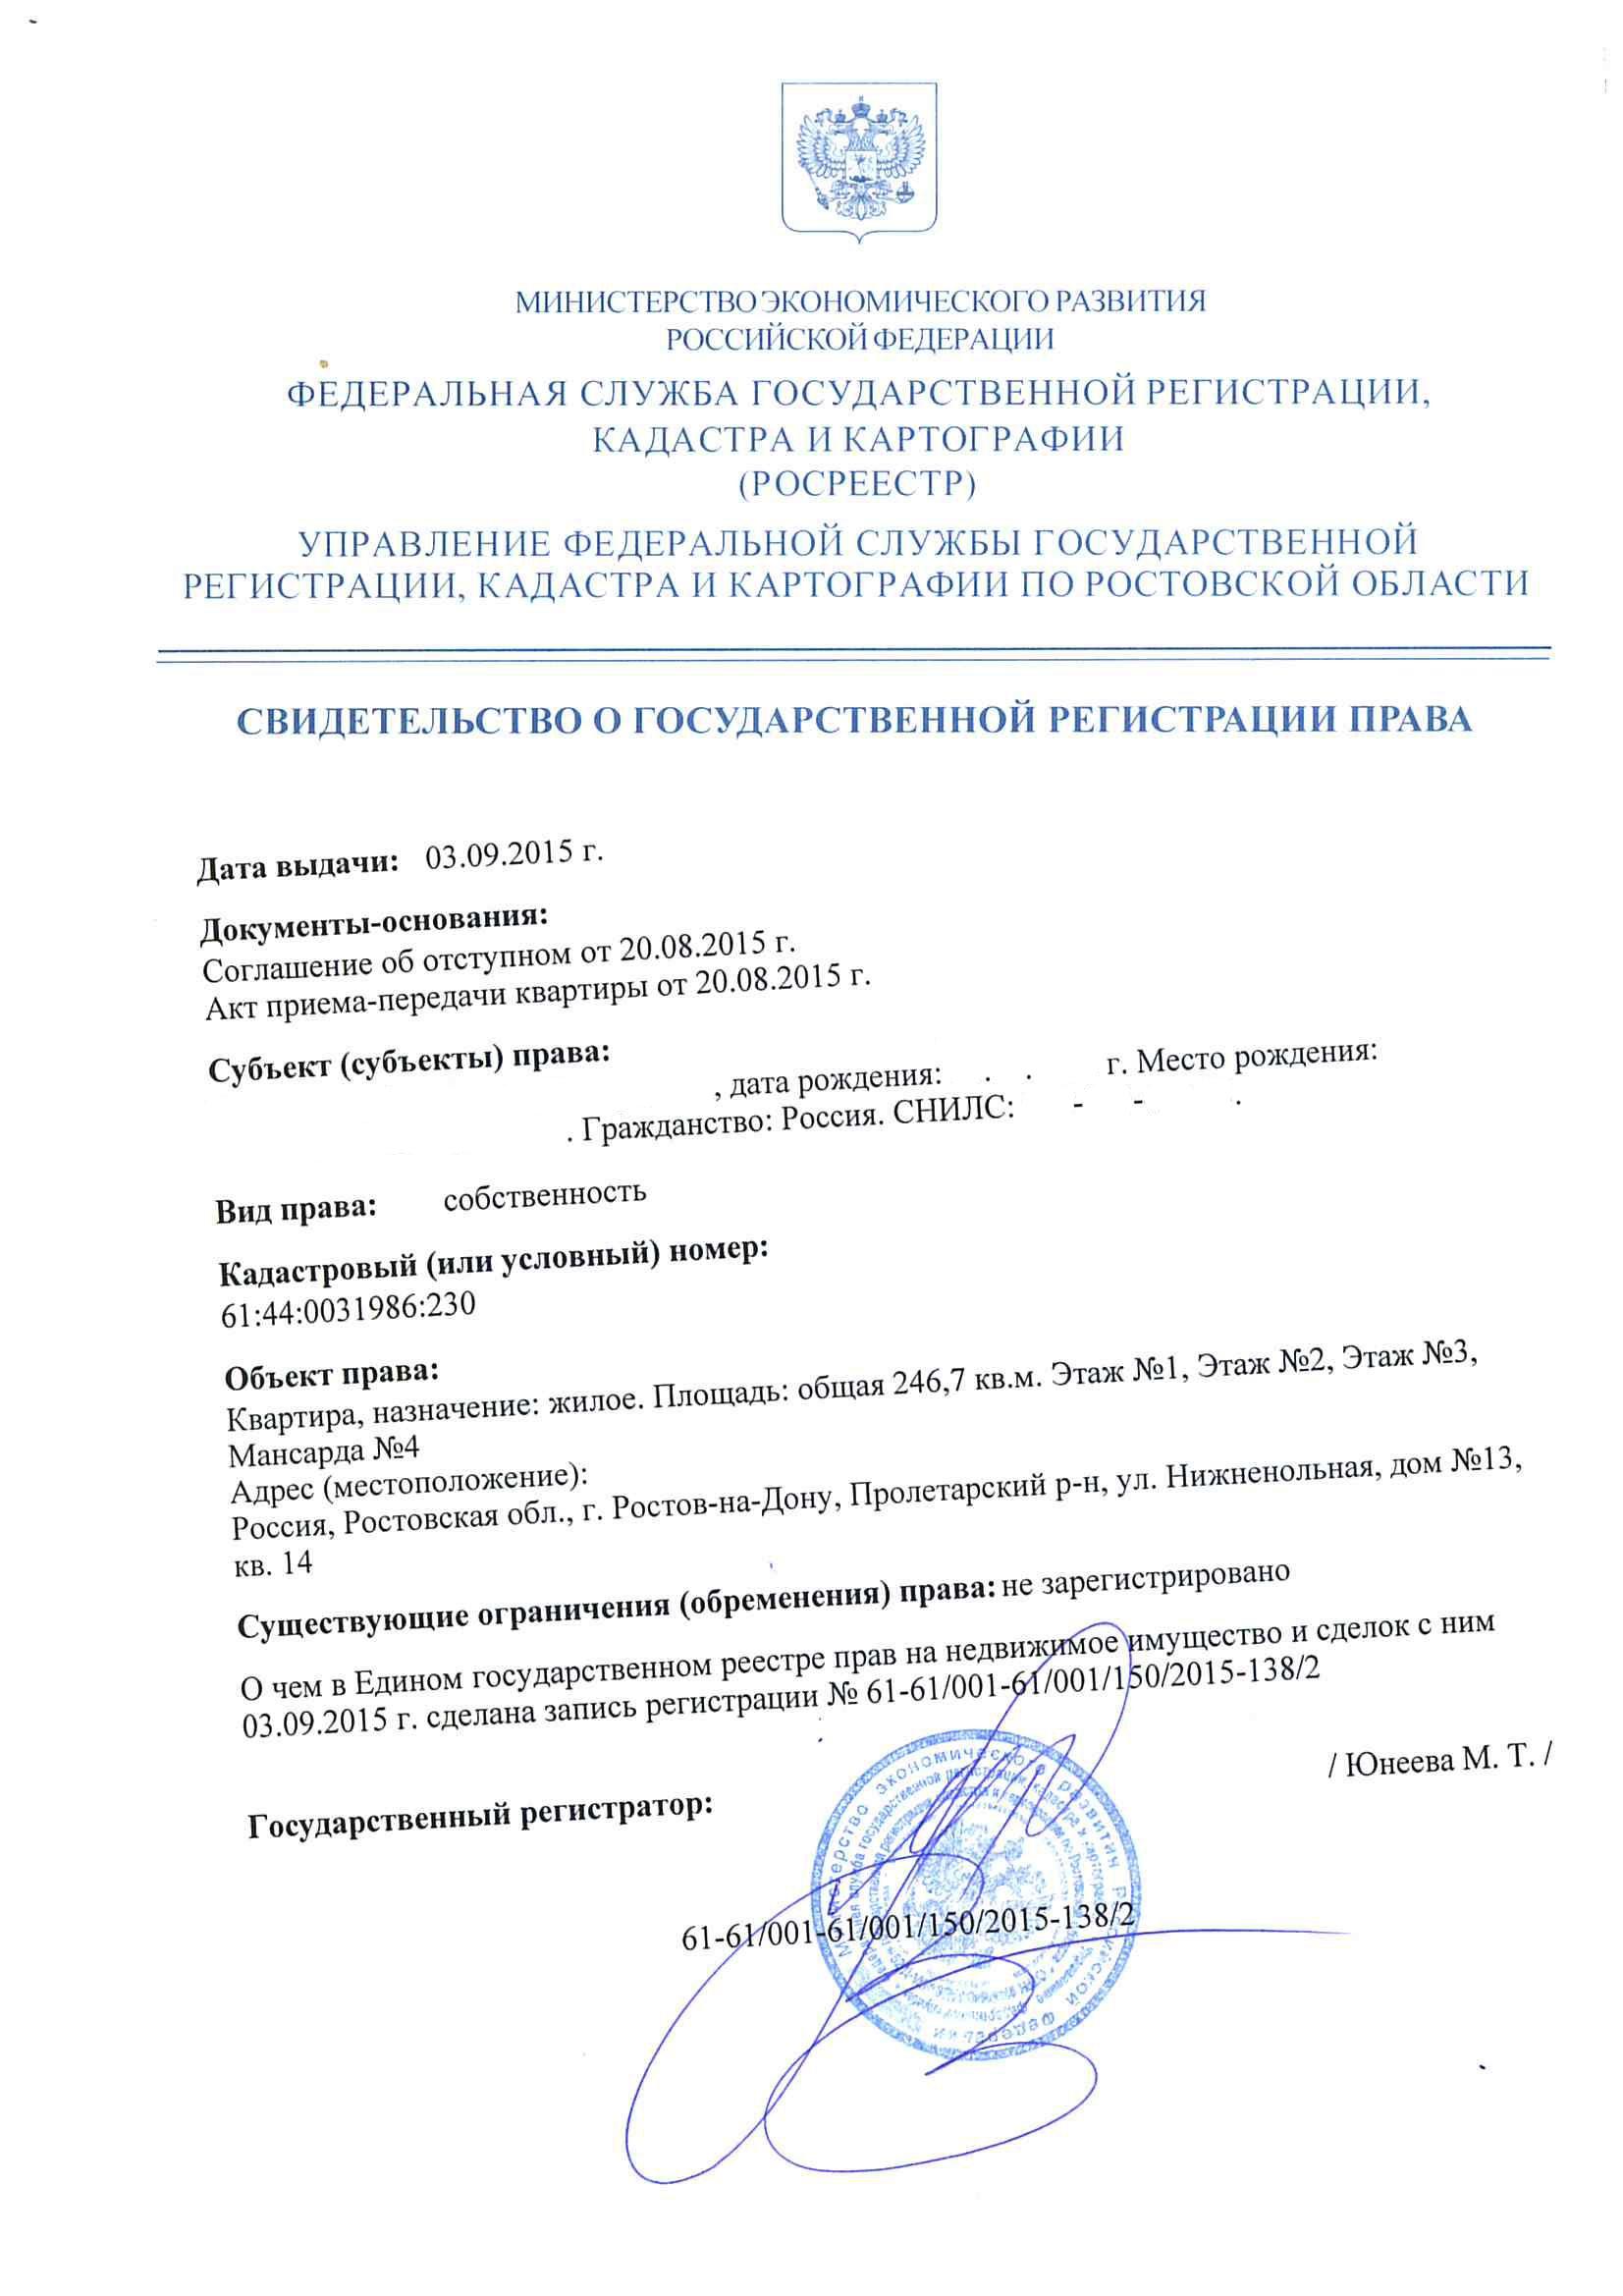 Свидетельство о гос регистрации квартира 14